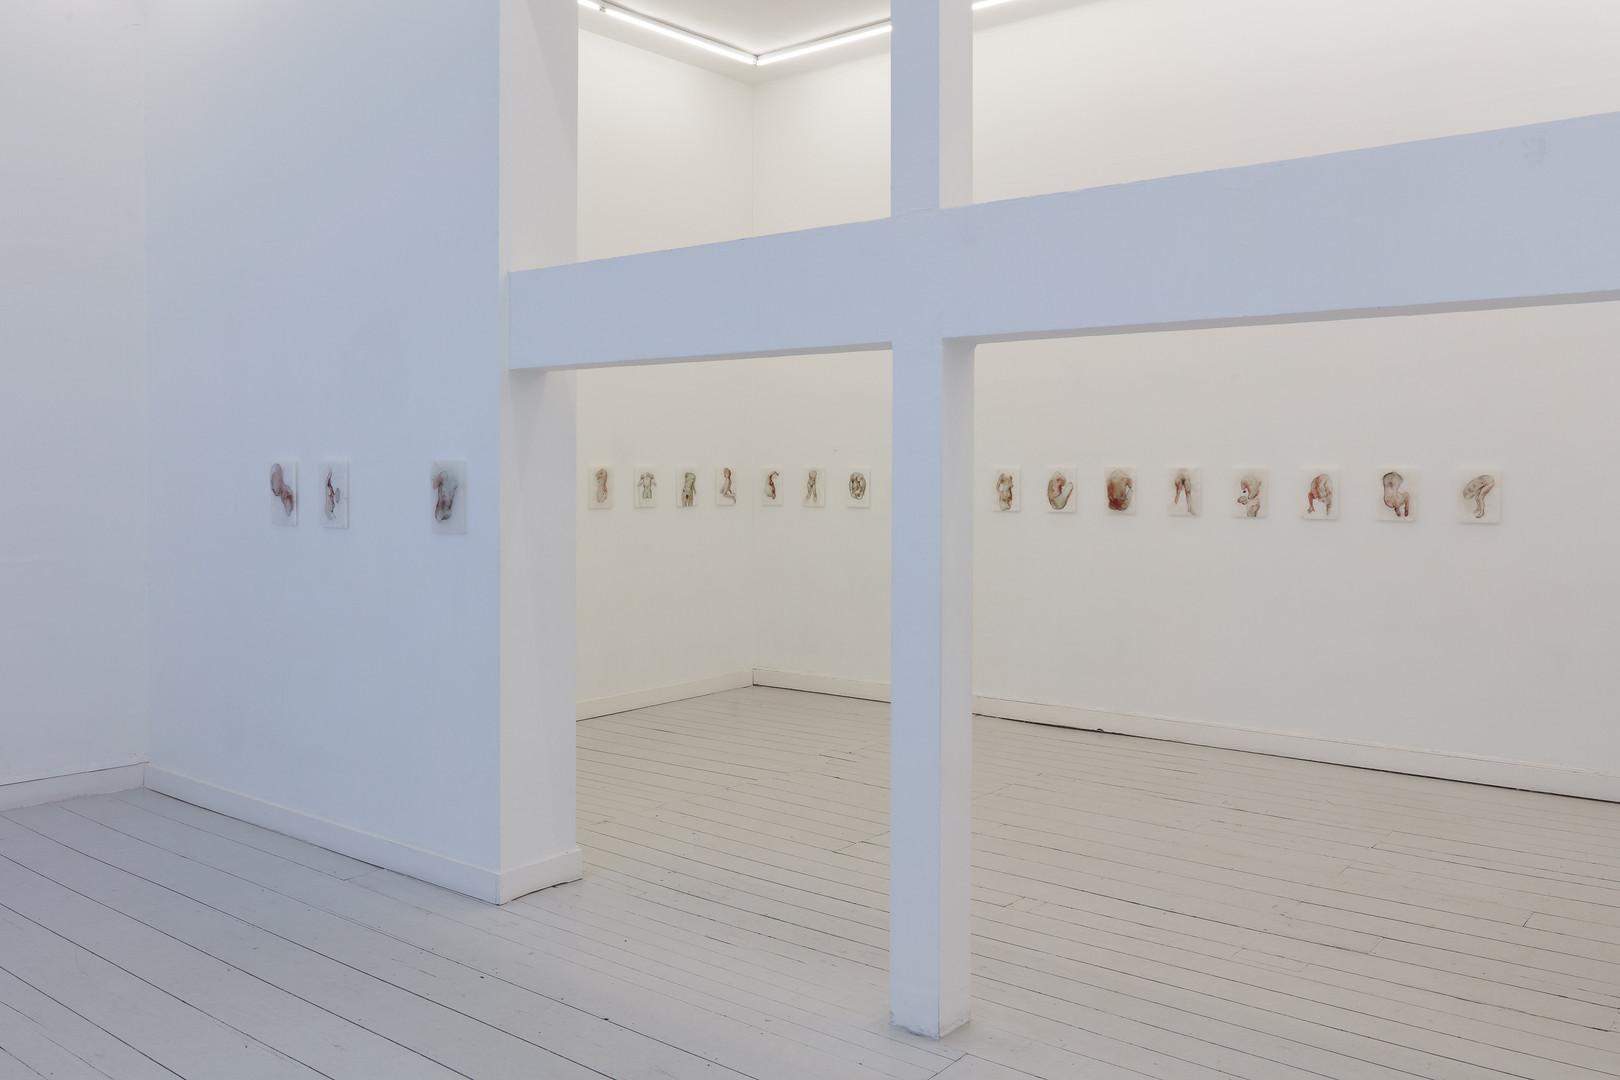 Over my (dead) body, Geukens & De Vil, Antwerp, 2019